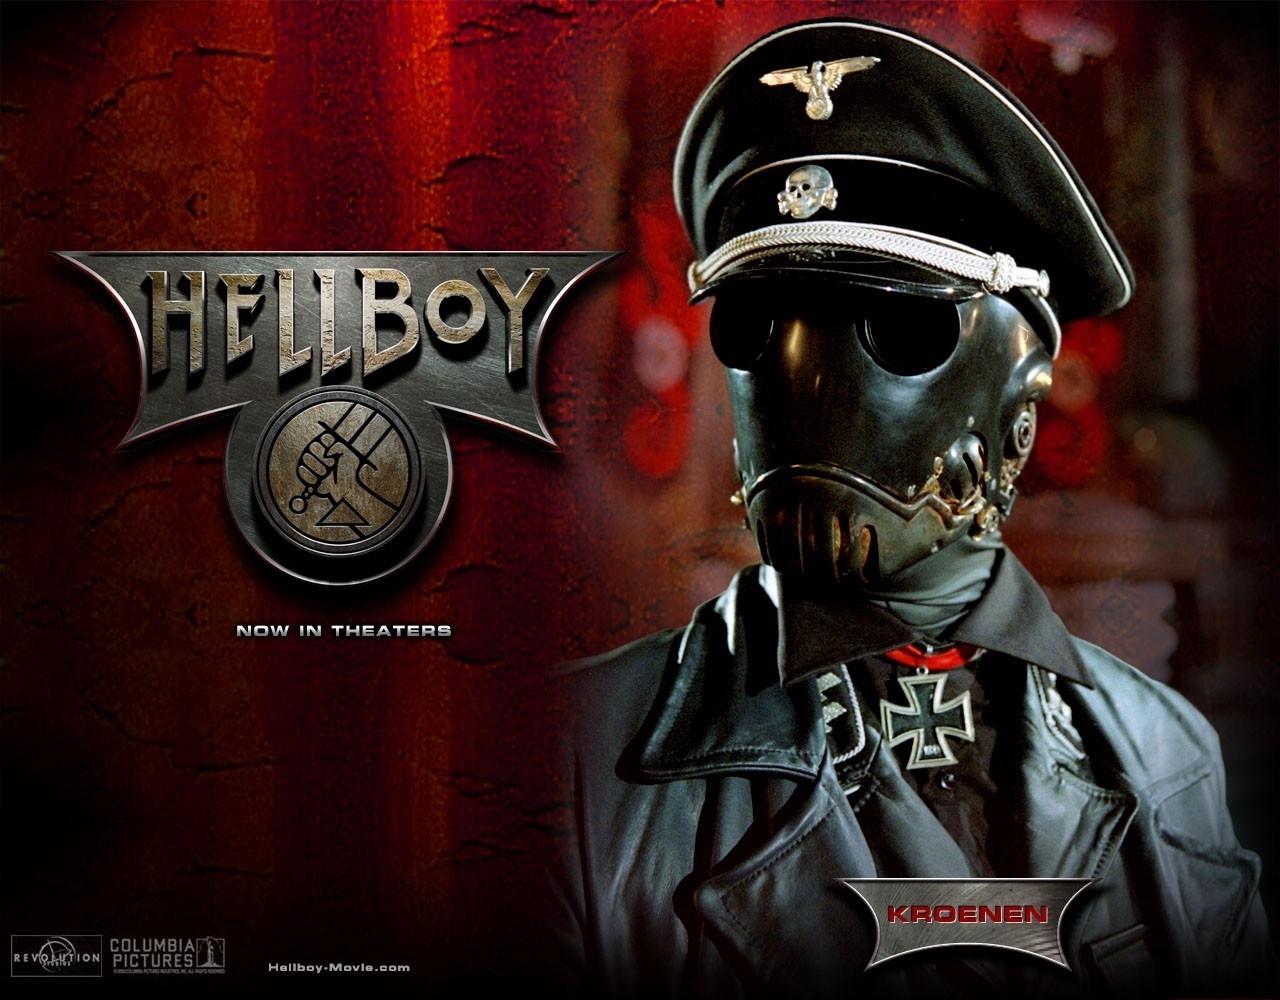 Desktop Wallpapers Hellboy Hellboy 1 Movies film